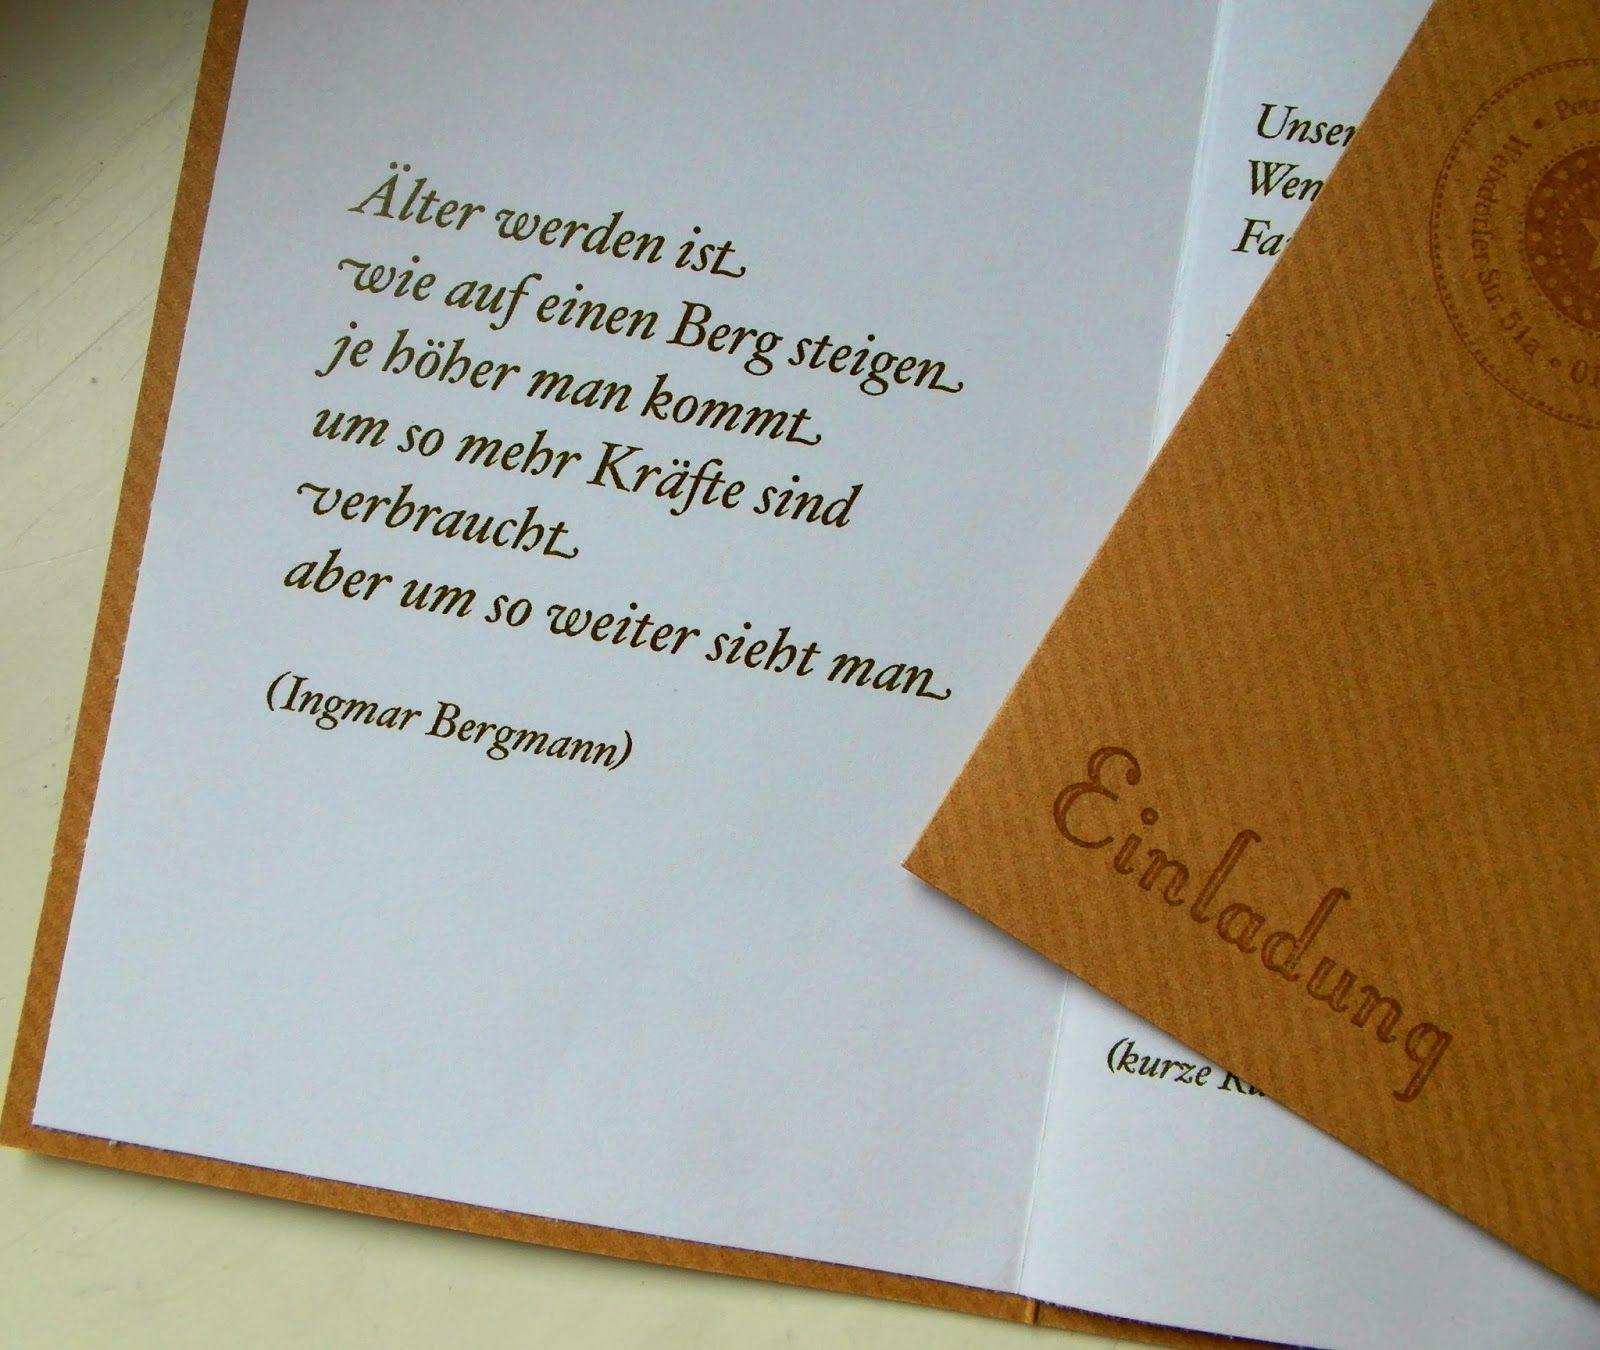 Schoner Spruch Geburtstagskarte Zitate Geburtstagskarten